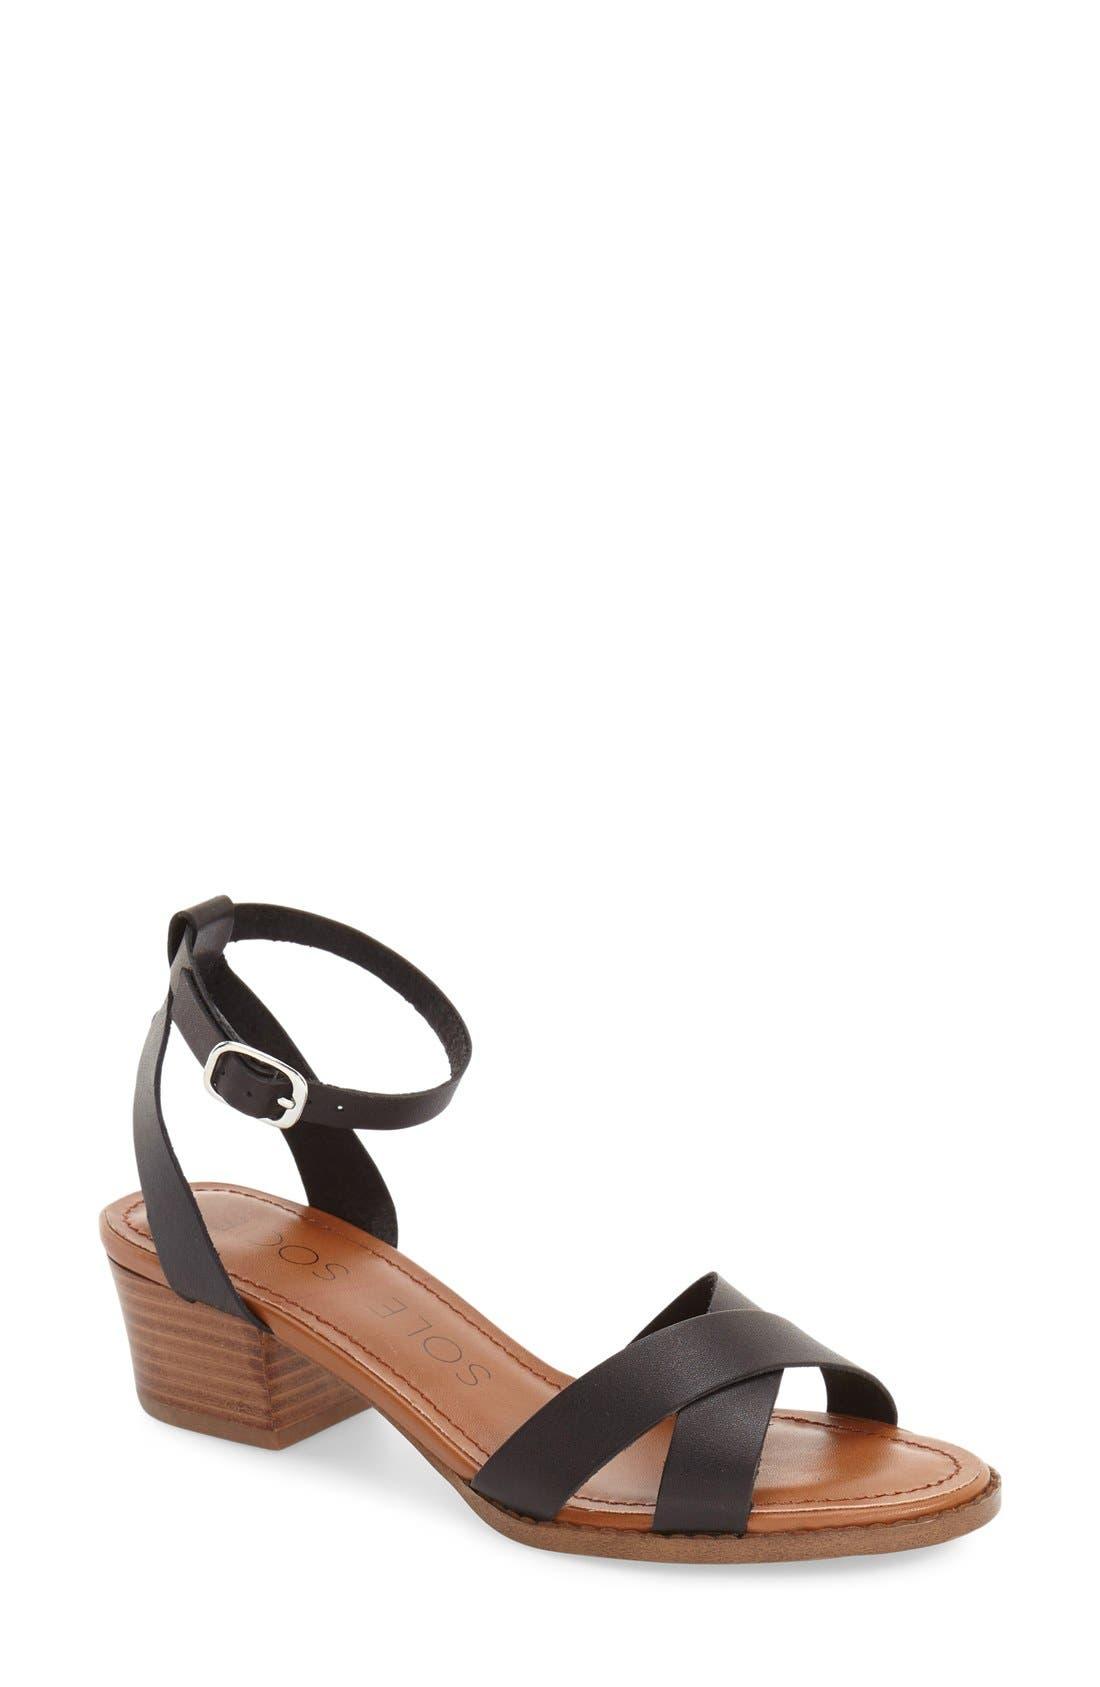 'Savannah' Sandal,                         Main,                         color, Black